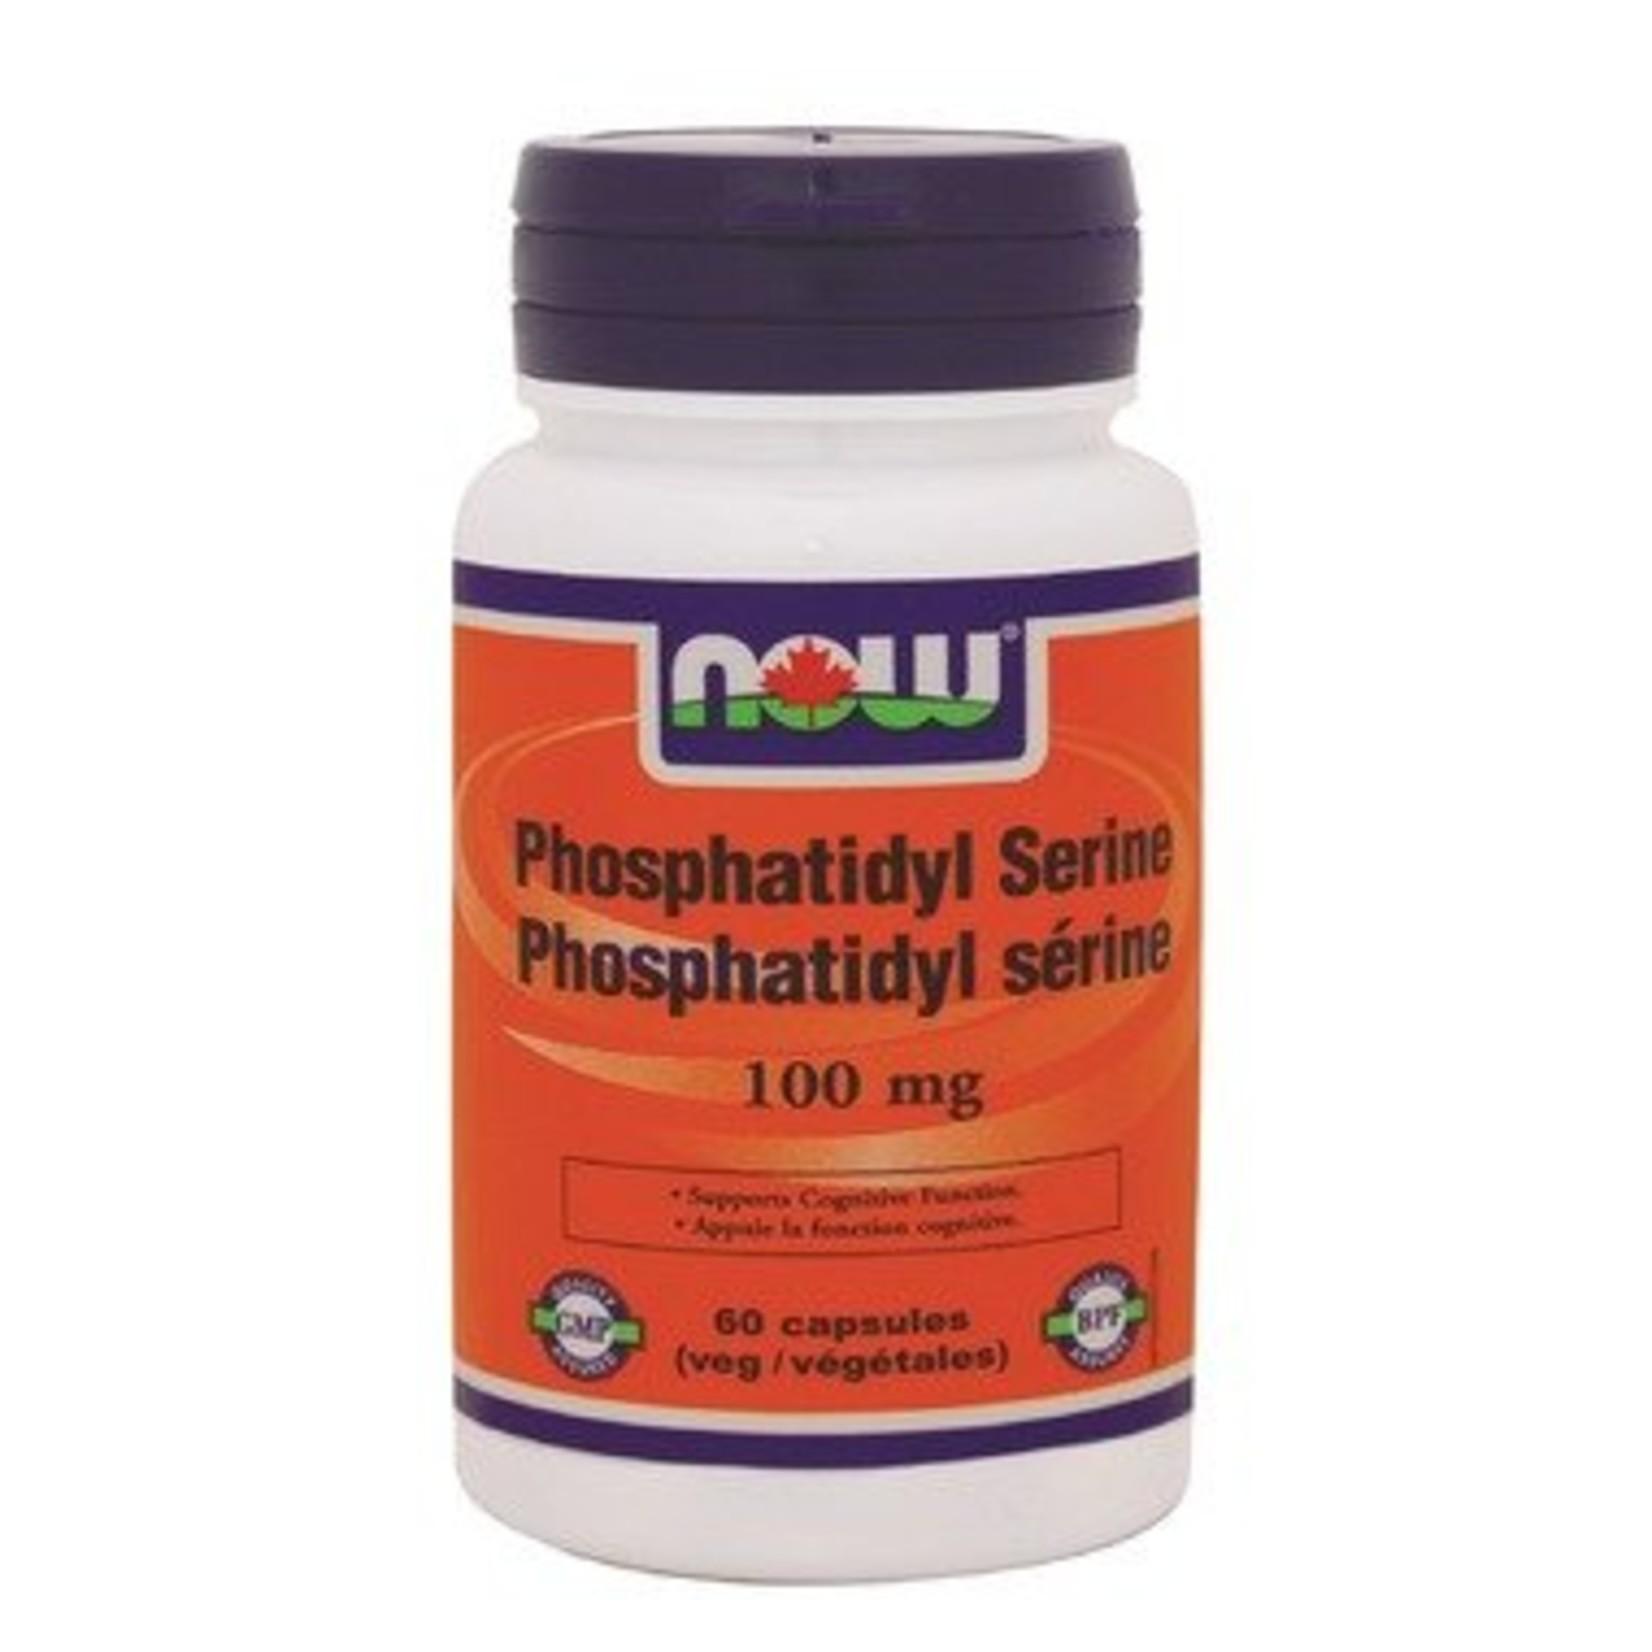 NOW NOW Phosphotidyl Serine 100mg 60 caps